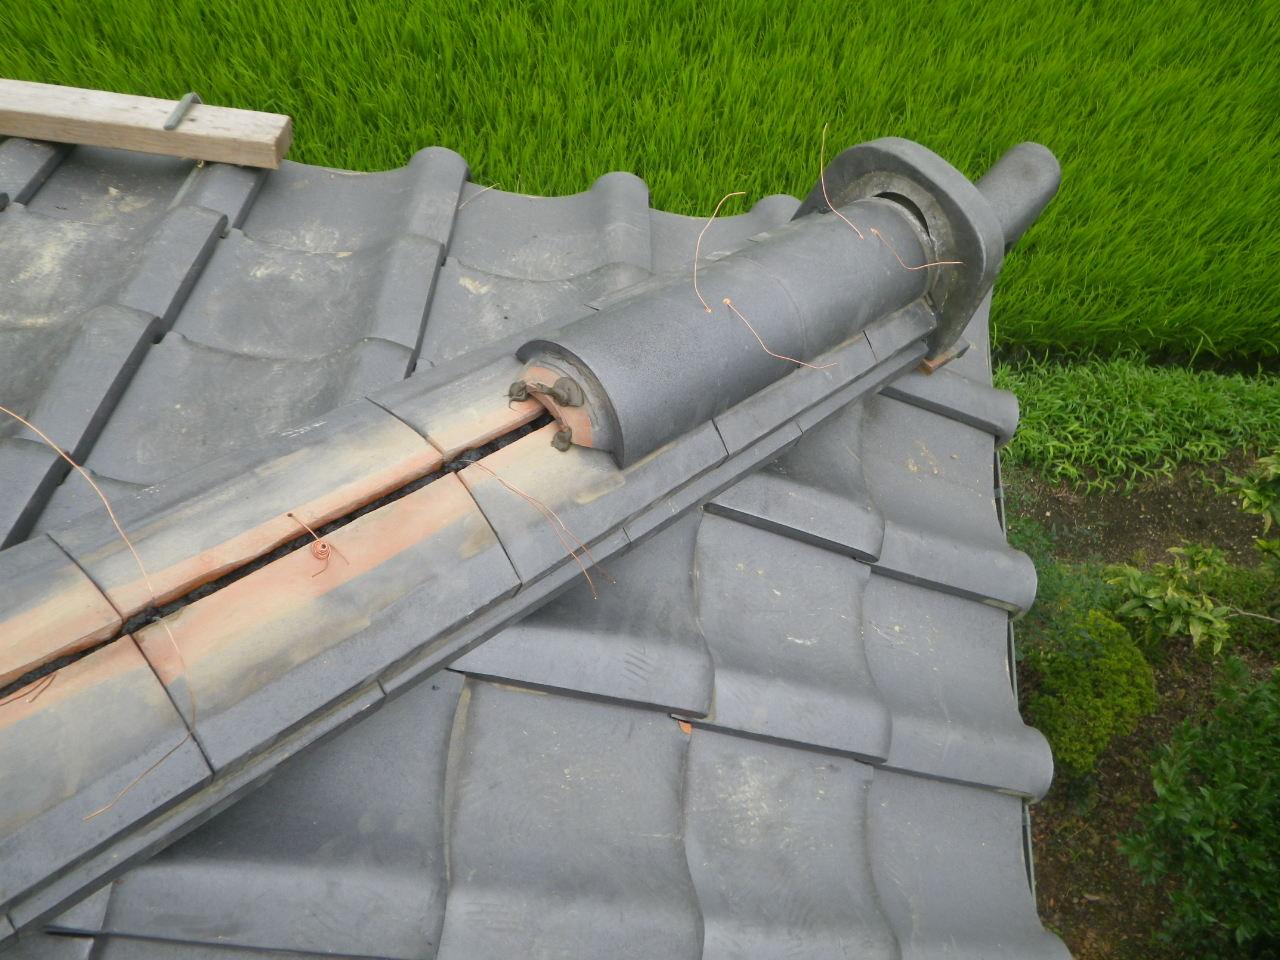 屋根の棟積直し工事と銅板屋根保護剤塗布を行います。in大田原市